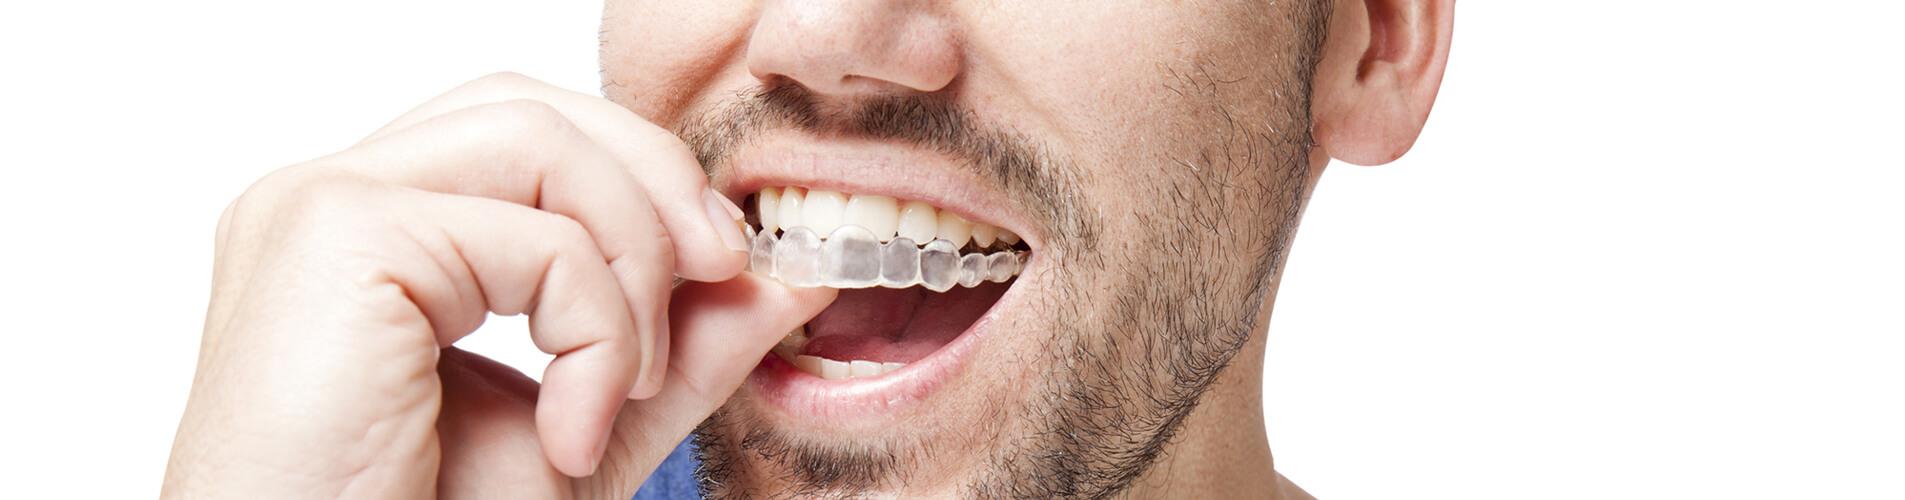 Dentiste Chelles